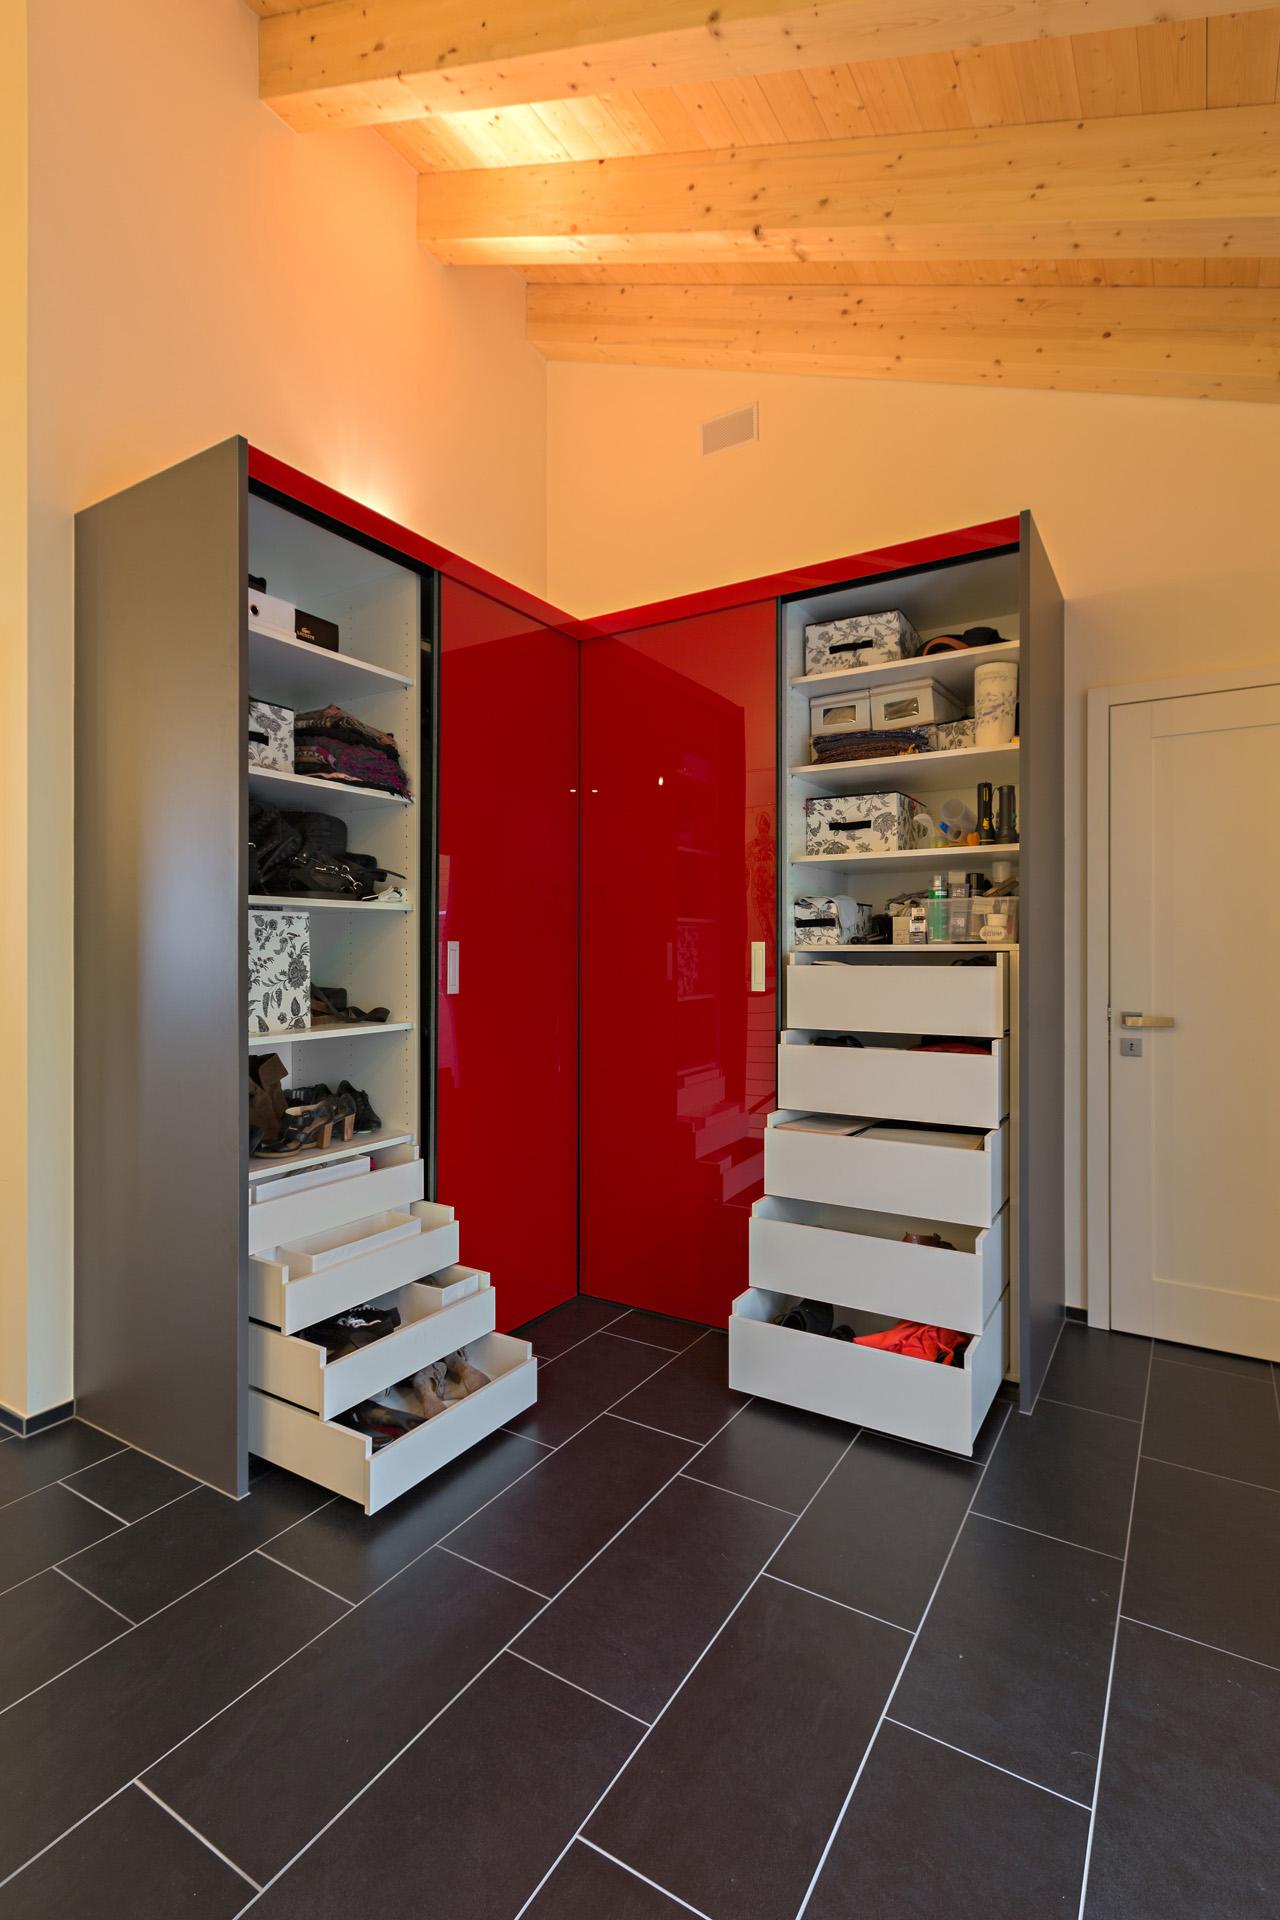 schrank ber eck als garderobe in hochrotem acrylglas mit anthrazitfarbigen aussenseiten auf zu. Black Bedroom Furniture Sets. Home Design Ideas